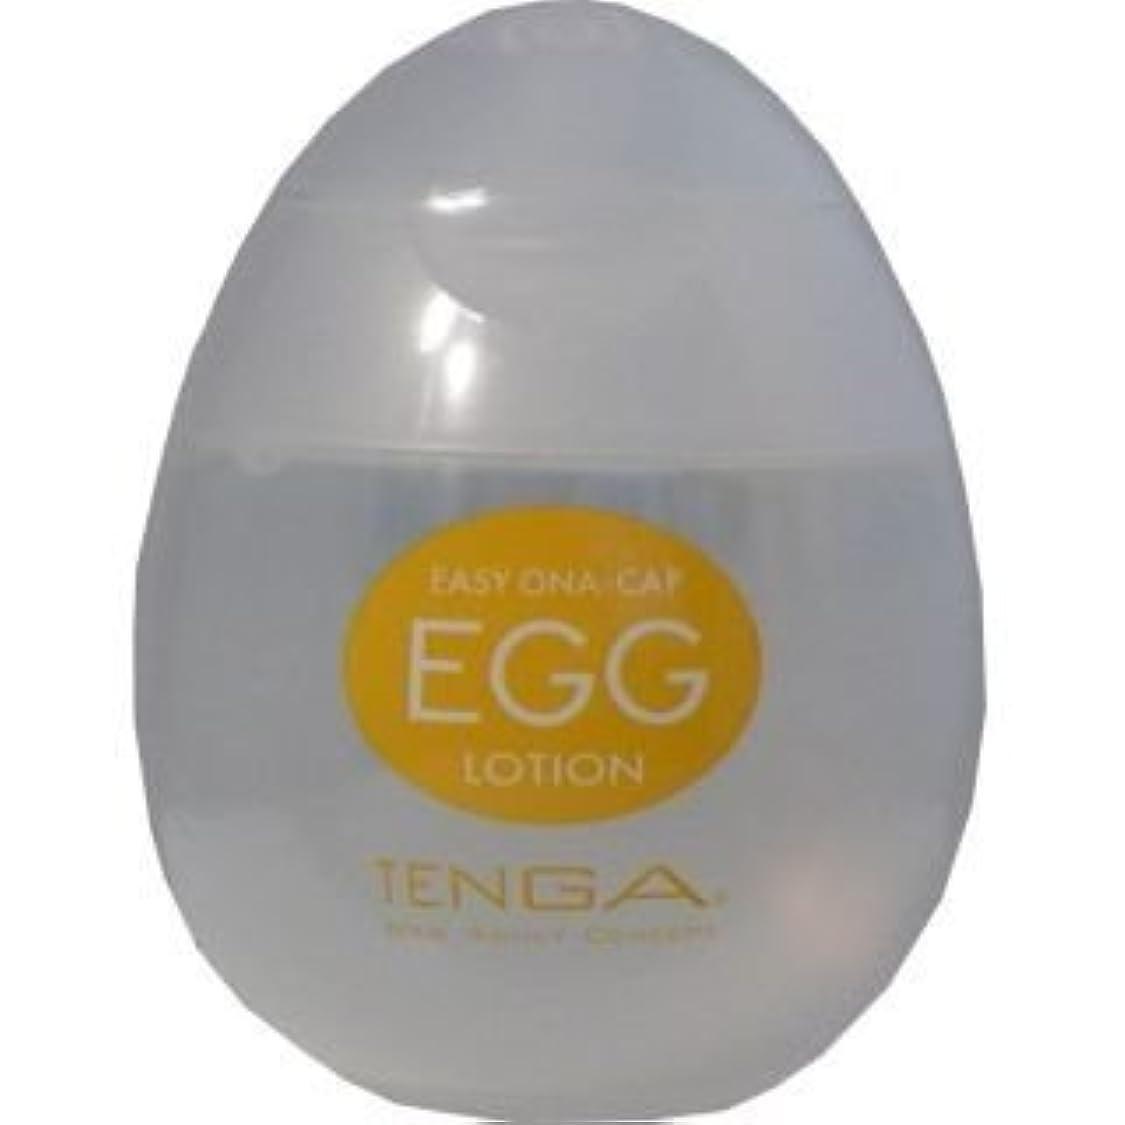 反乱スタジオ巻き取り保湿成分配合で潤い長持ち!TENGA(テンガ) EGG LOTION(エッグローション) EGGL-001【2個セット】